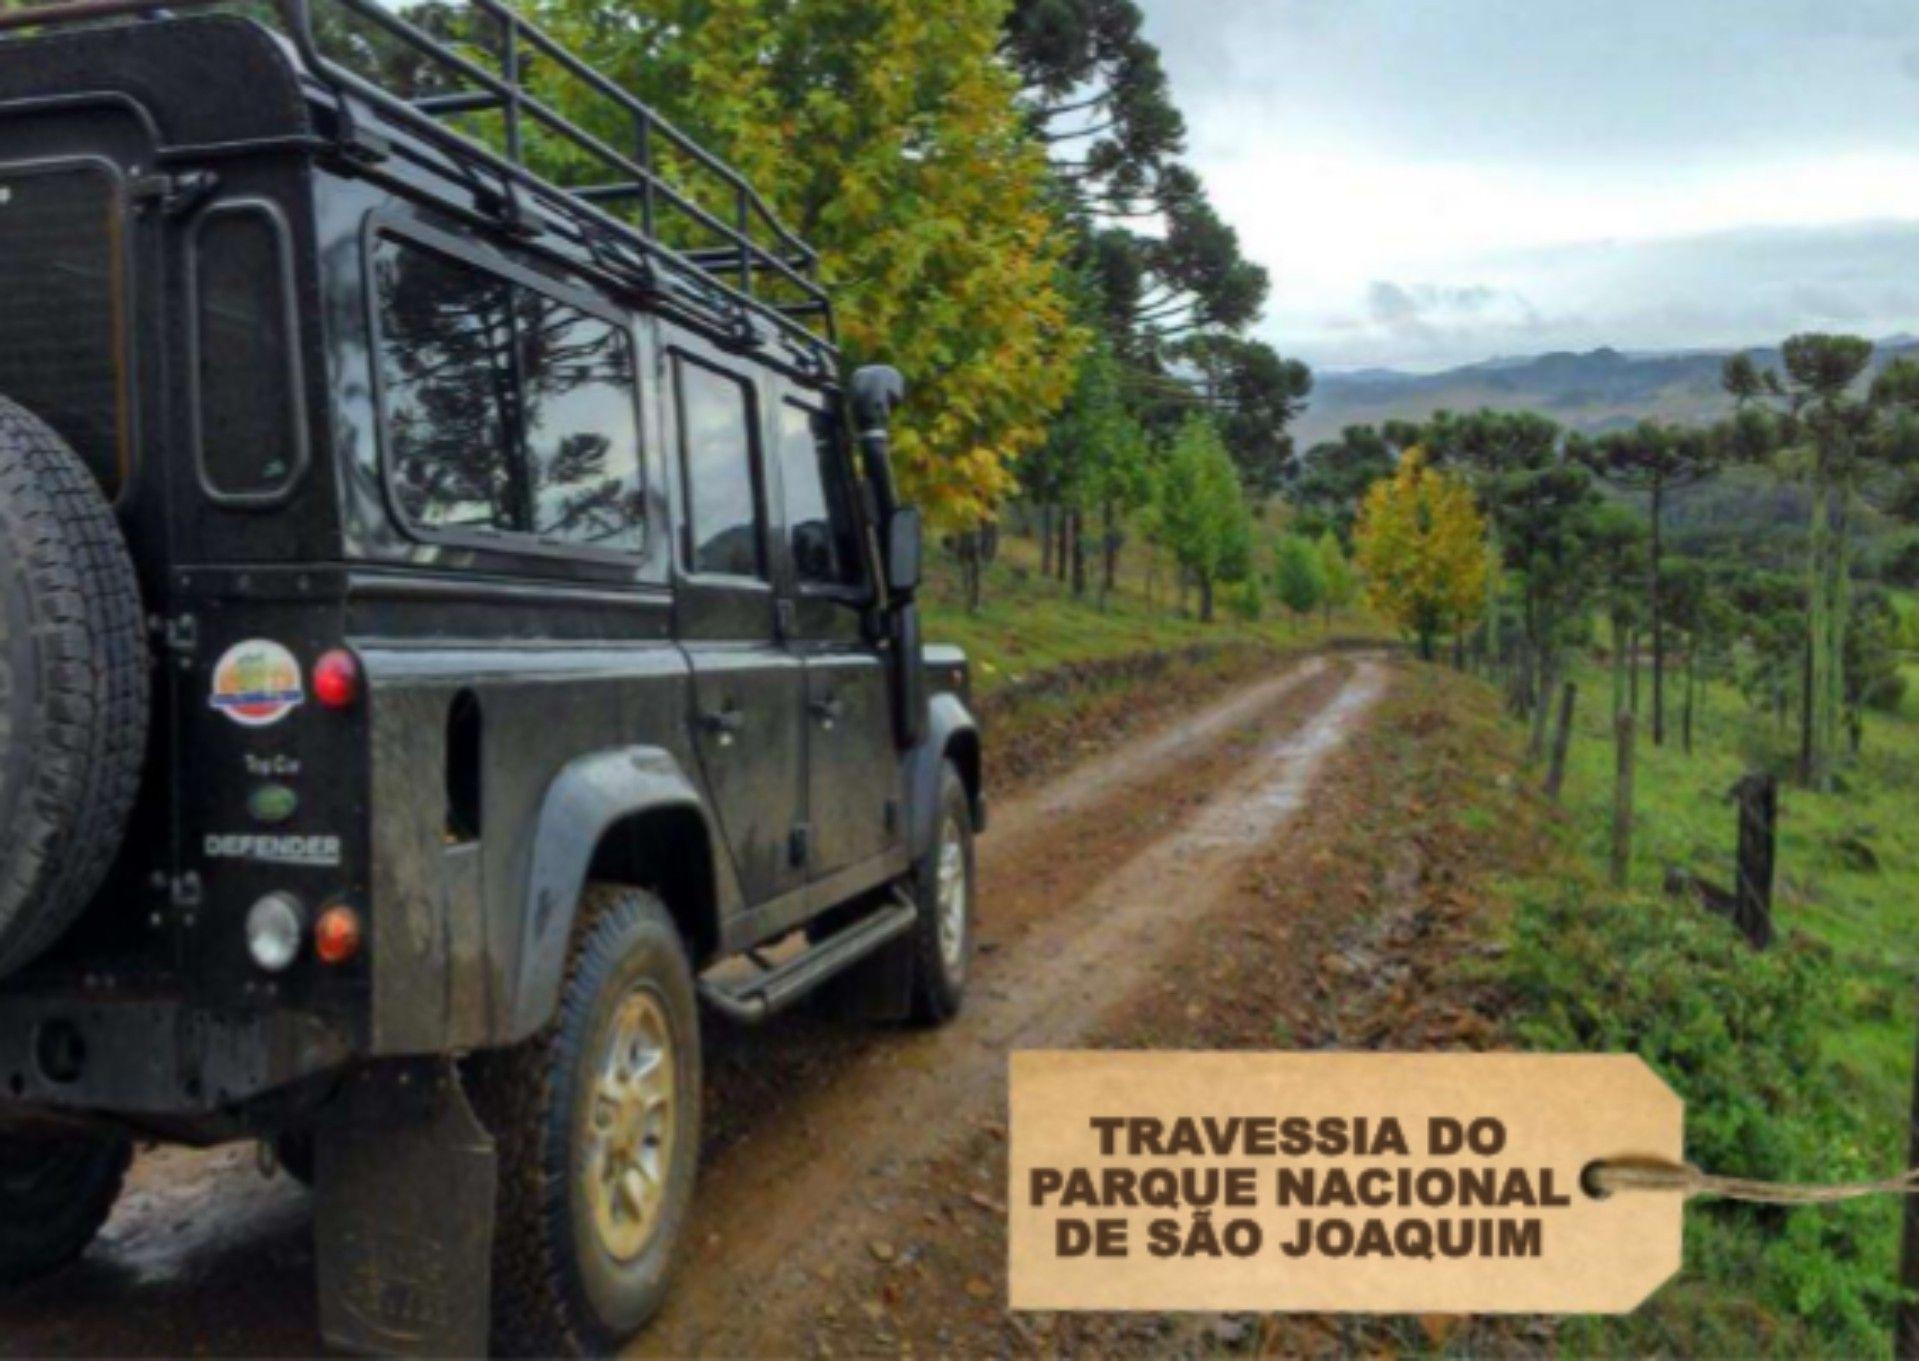 Travessia do Parque Nacional de São Joaquim